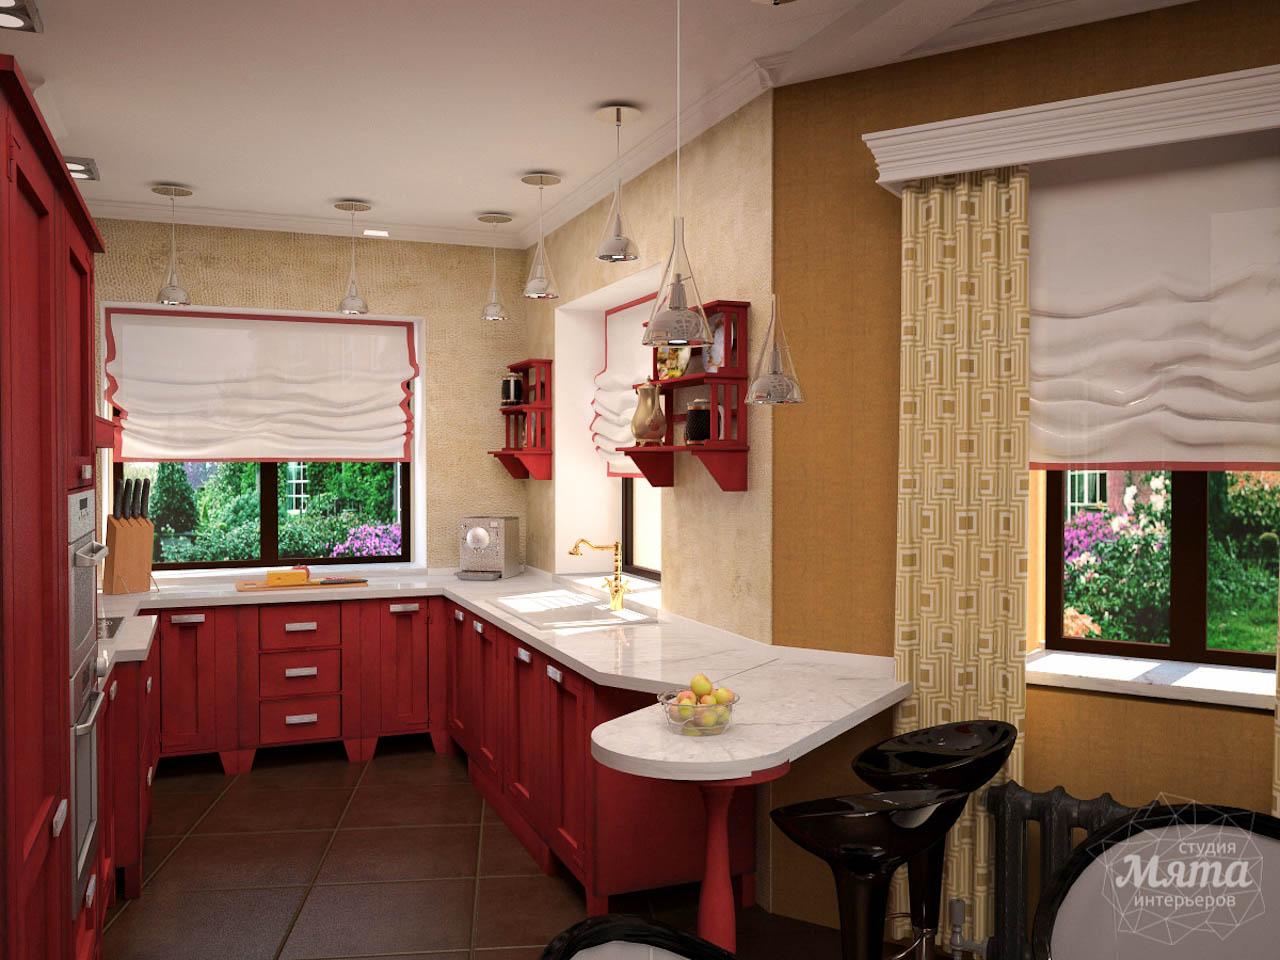 Дизайн интерьера коттеджа первого этажа по ул. Урожайная 17 img1649764919